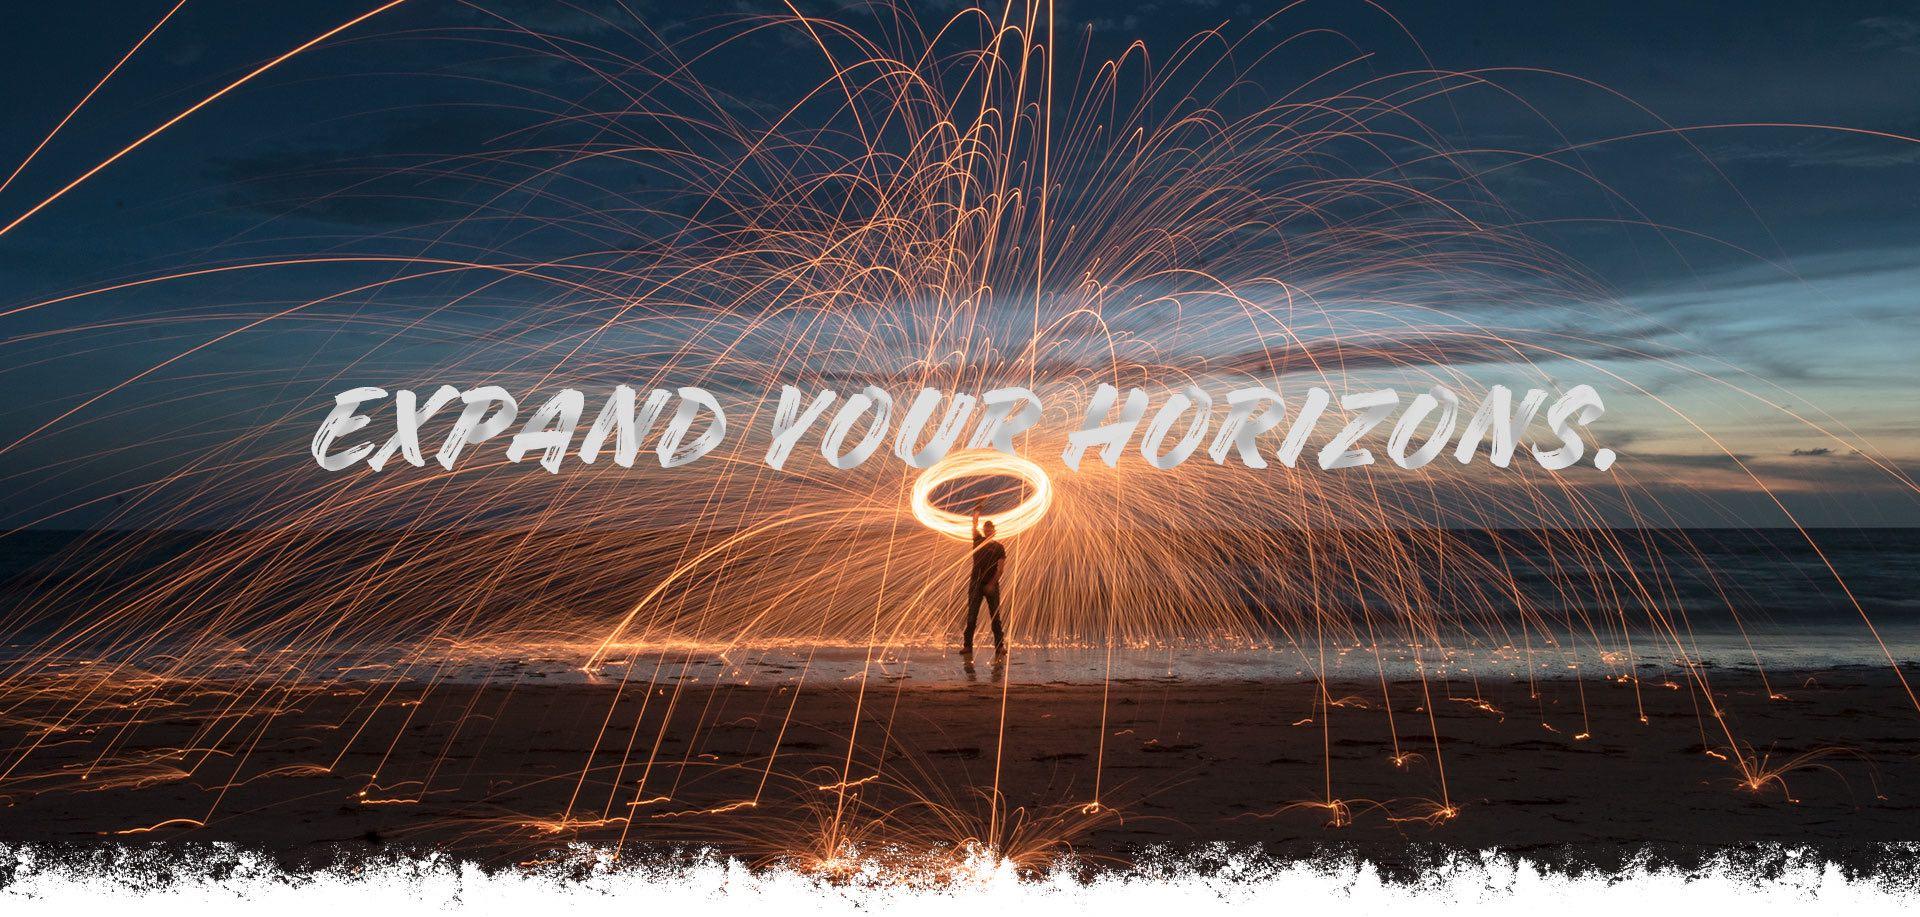 Homepage-Banner-Image.jpg